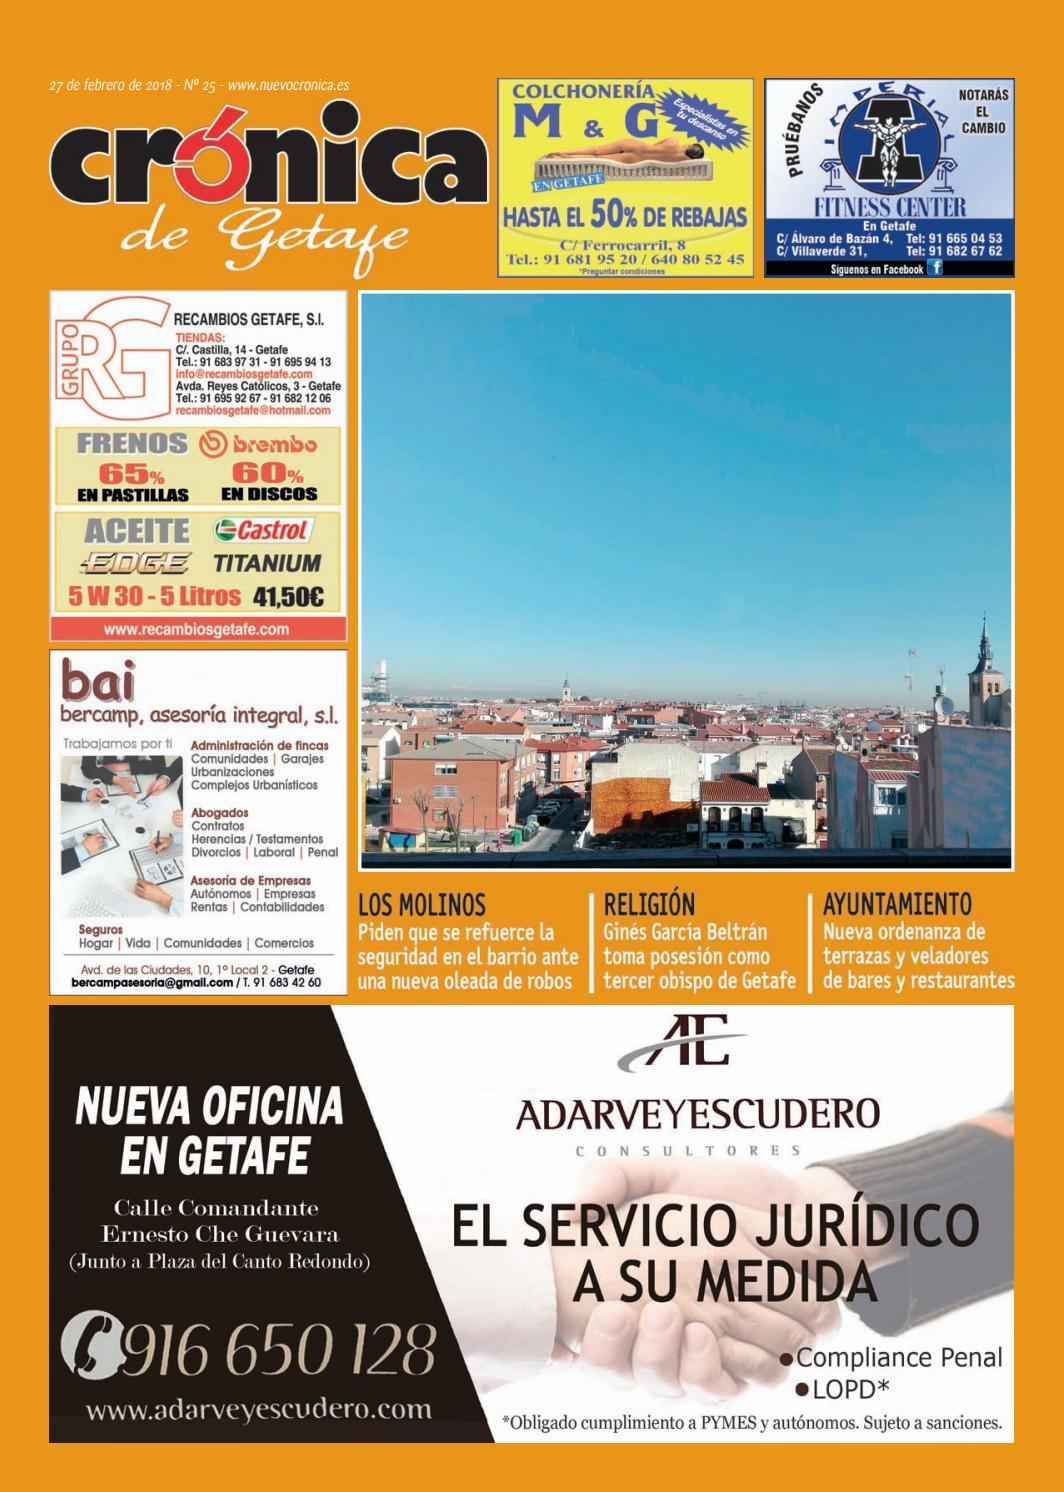 Cronica de Getafe Nº 25. 27 de febrero de 2018 by Crónica - issuu